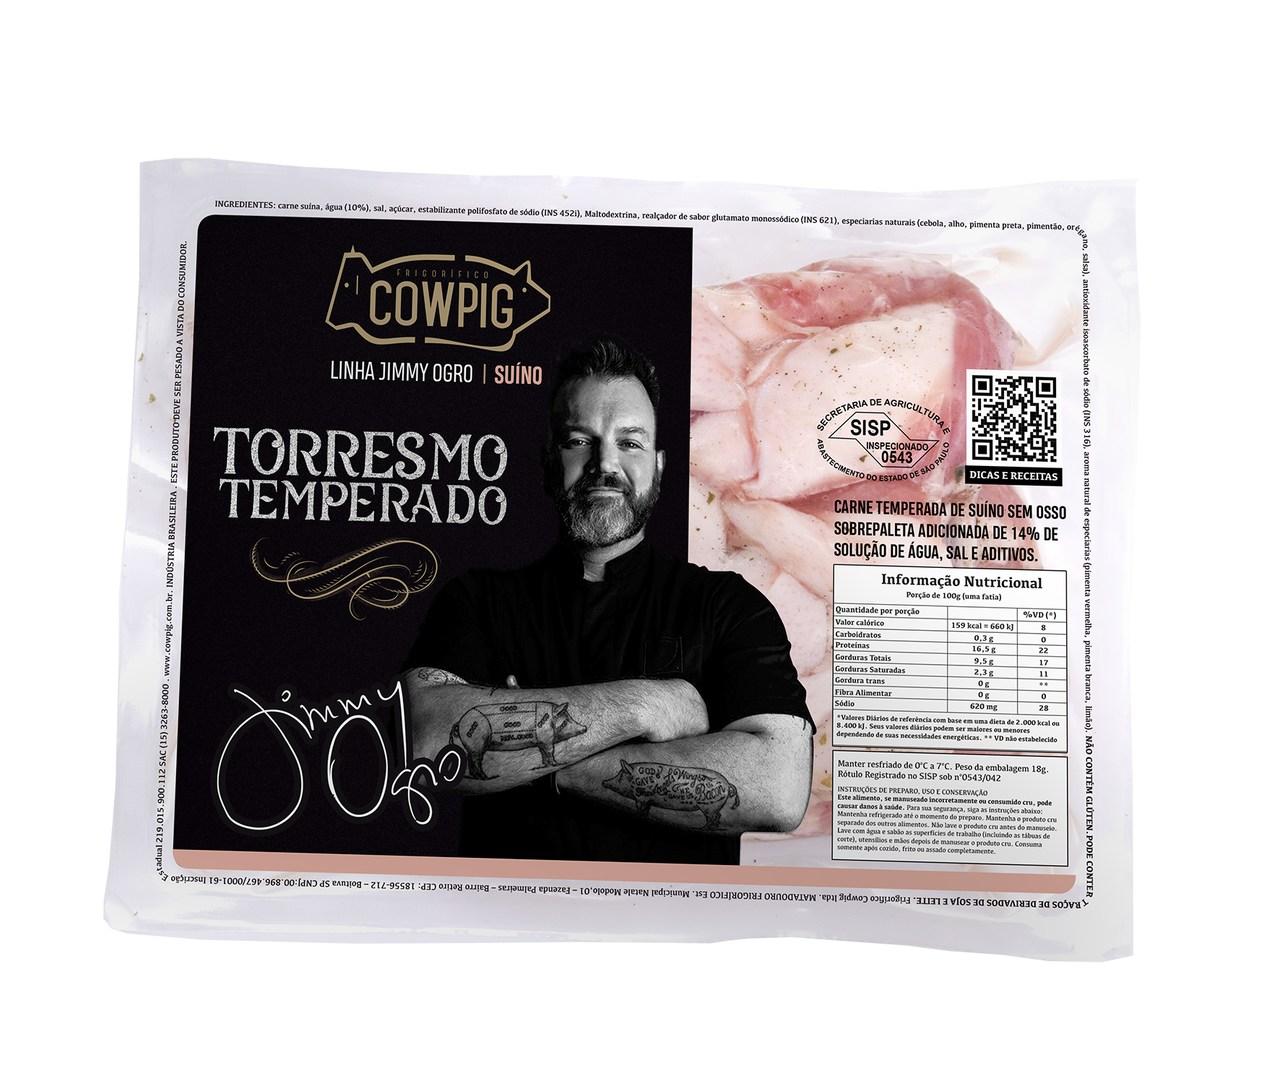 TORRESMO TEMPERADO - PEÇA 700G